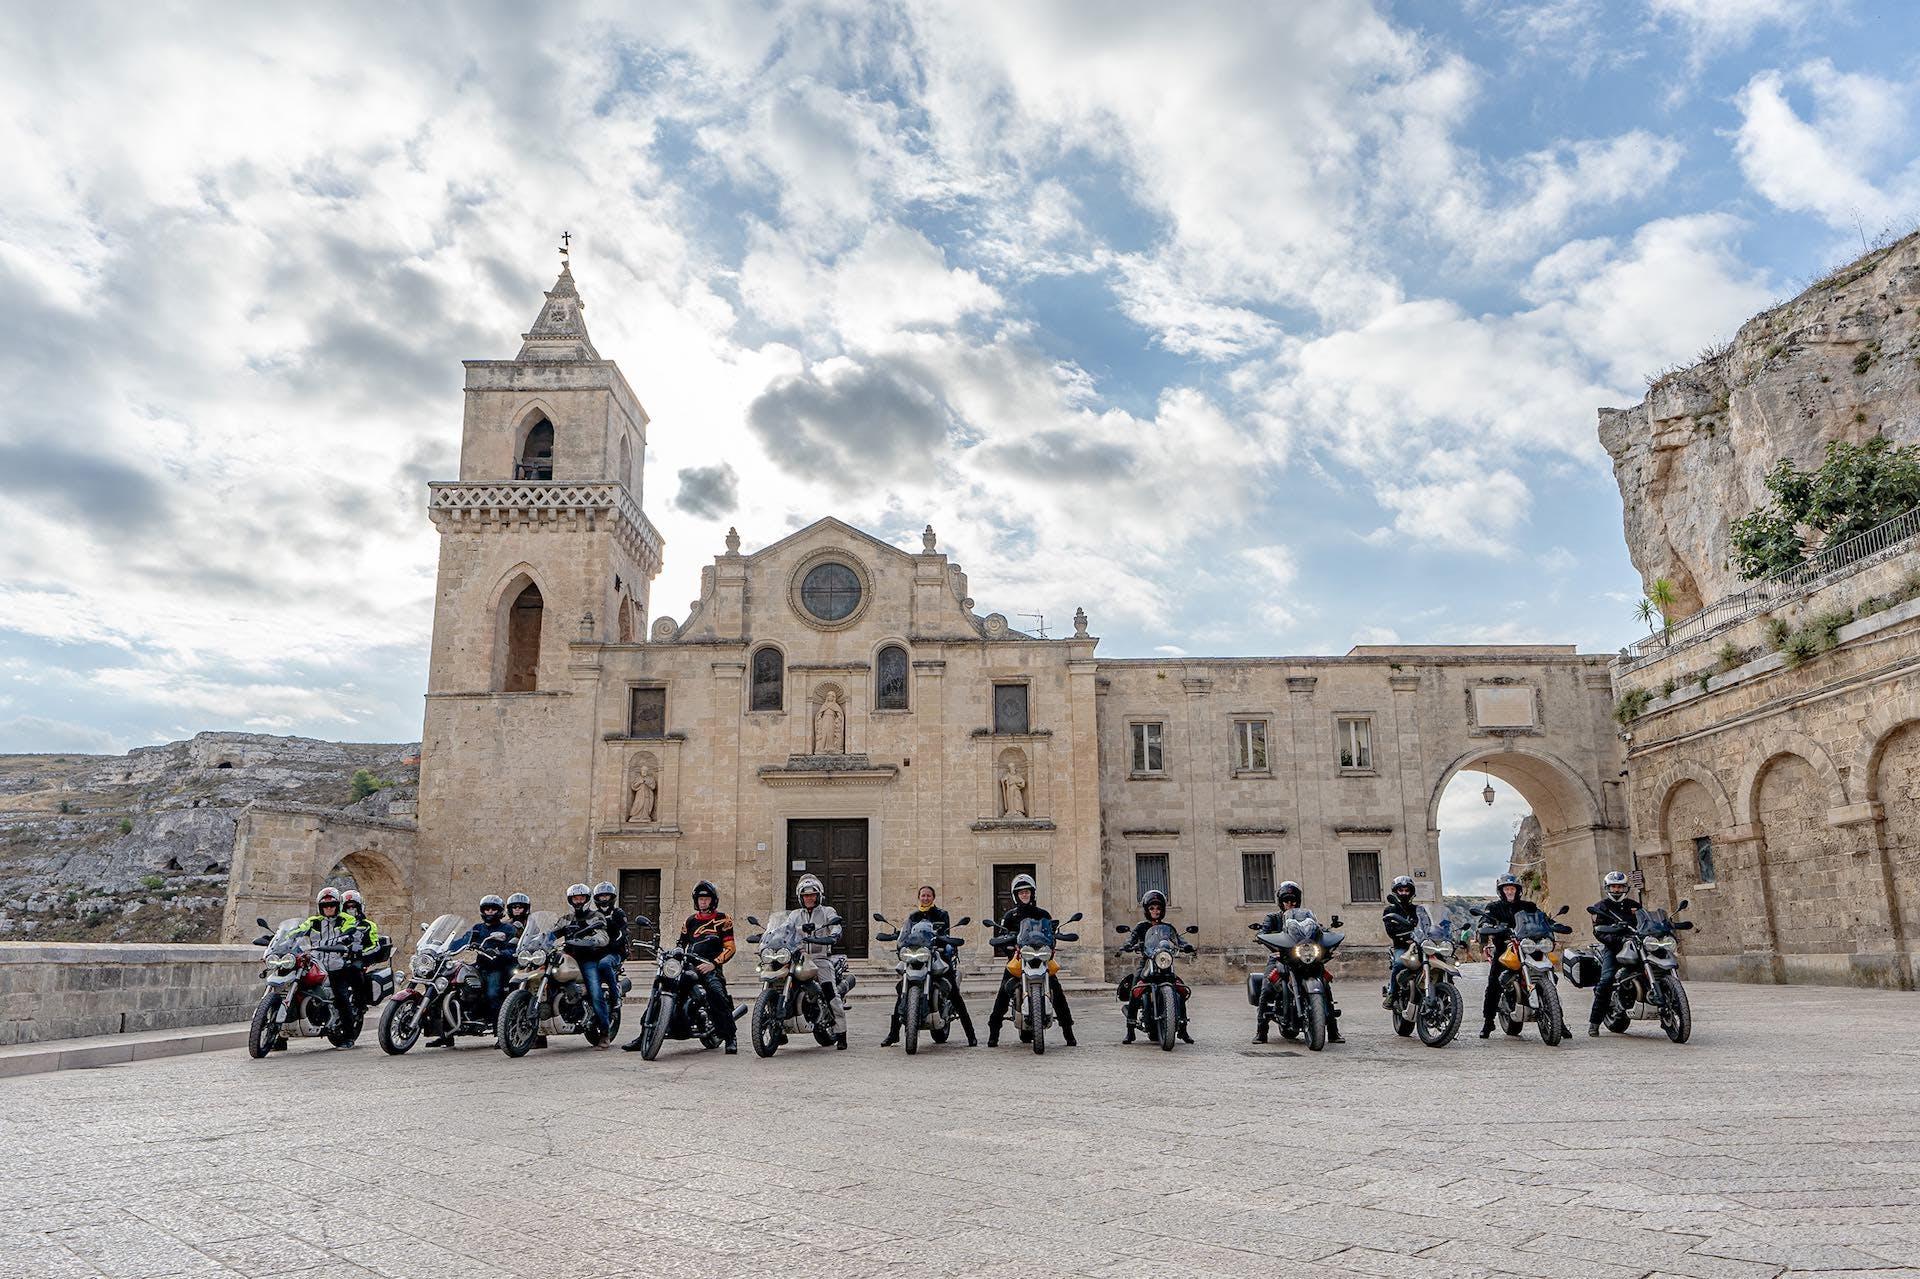 Foto panoramico di motociclisti, partecipanti al Moto Guzzi Experience, parcheggiati in posa una piazza con chiesa sullo sfondo.